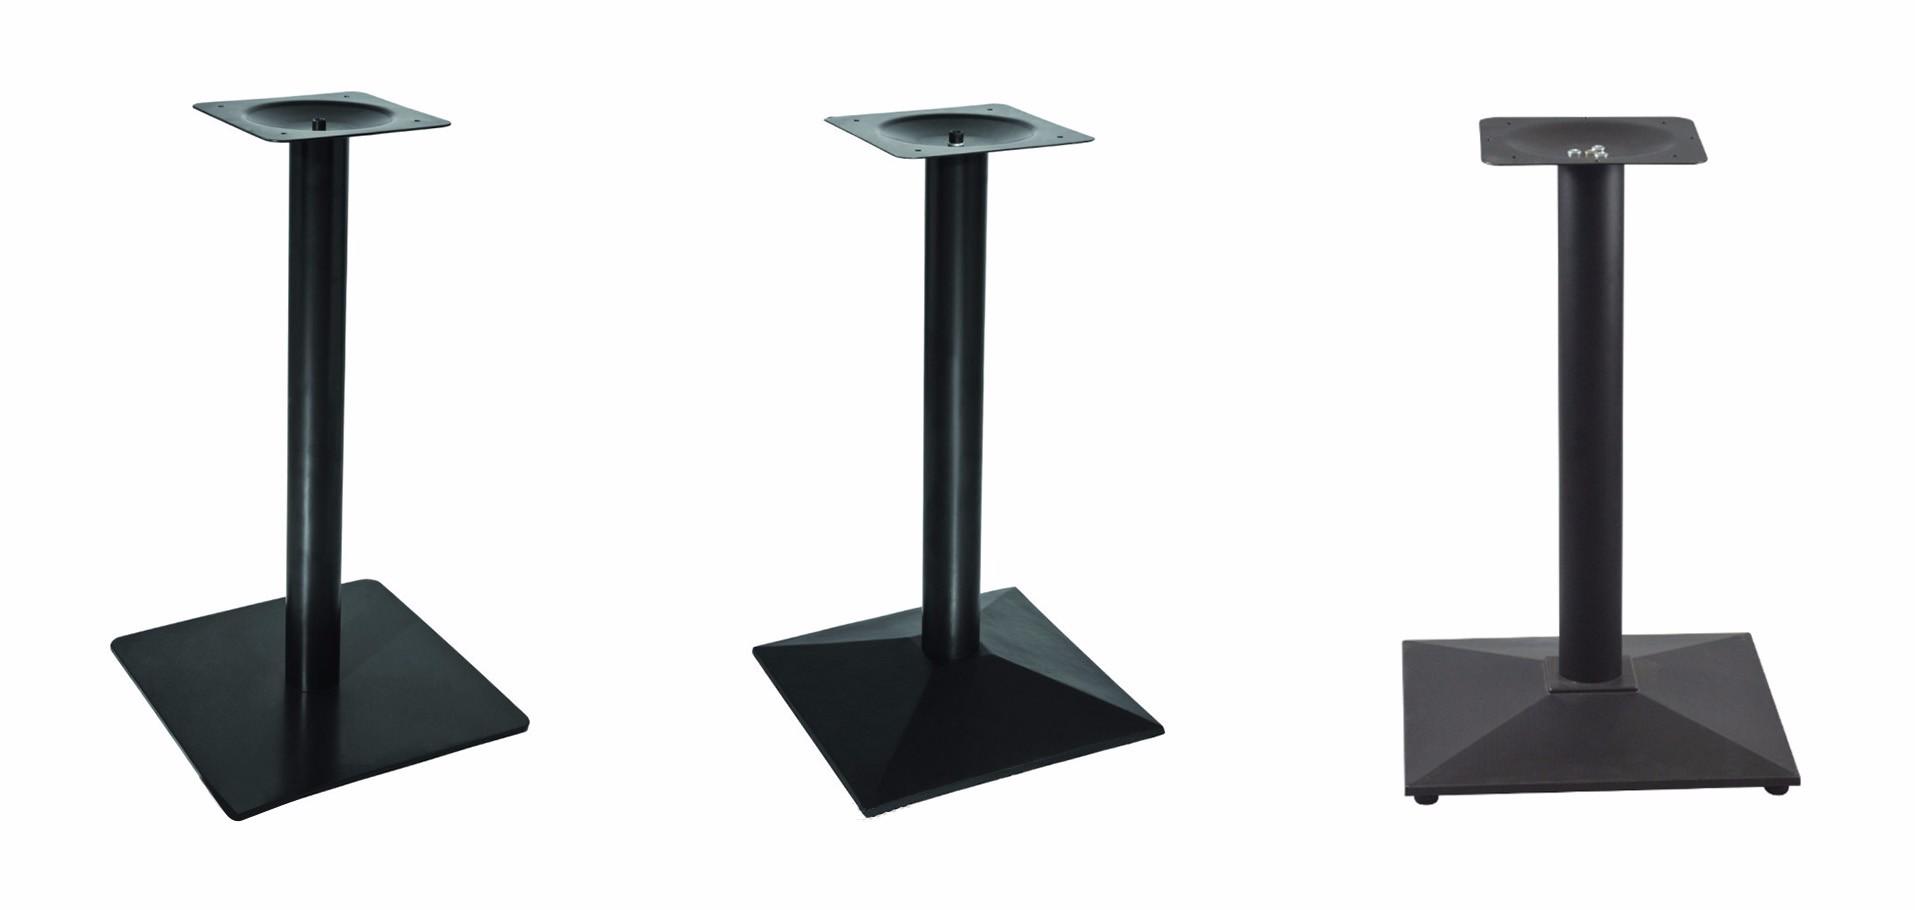 Cast Iron (IR001/IR002/IR003)